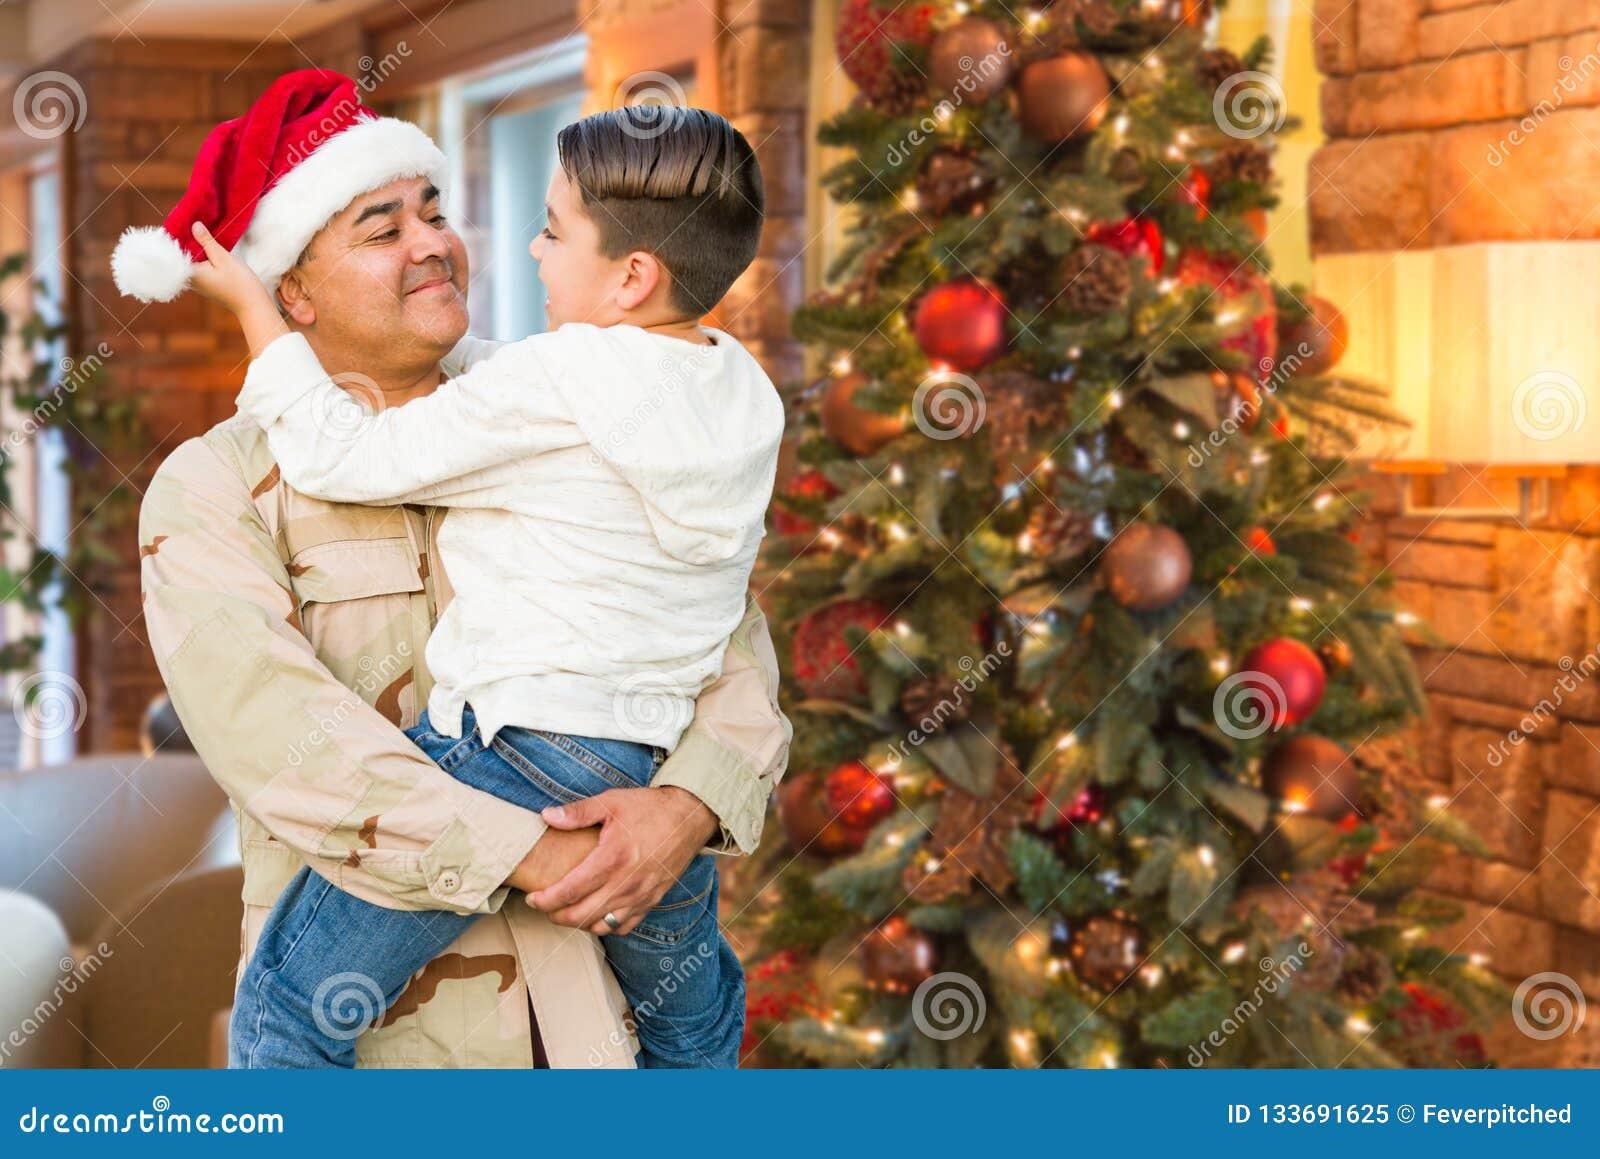 拉美裔戴圣诞老人帽子的武力战士拥抱儿子